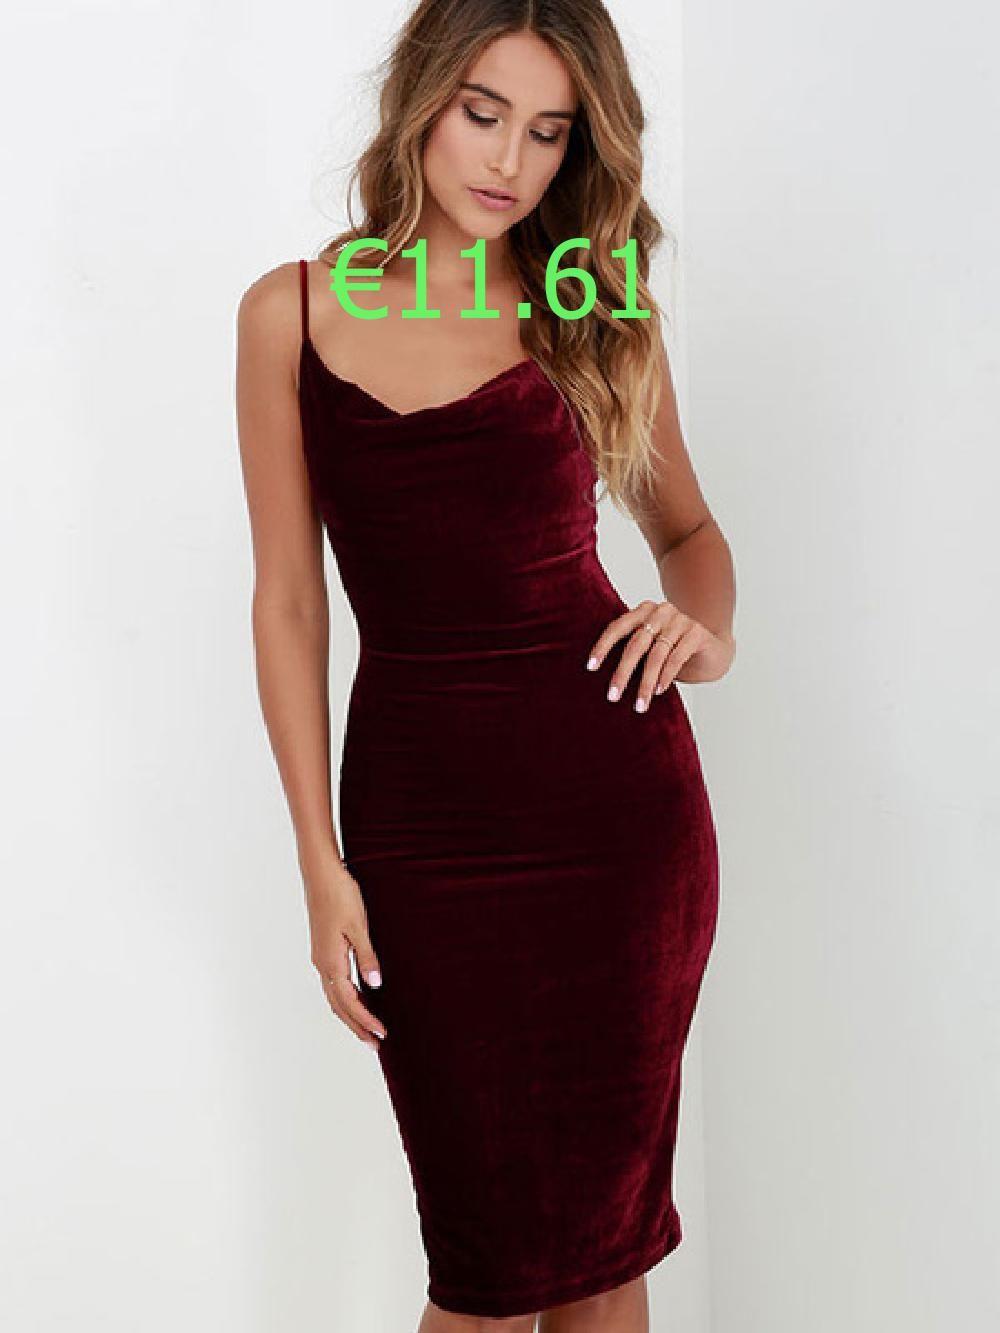 Riemen Bodycon Kleid Burgund Ruckenfreie Samt Kleid Dresses Womens Dresses Bodycon Dress